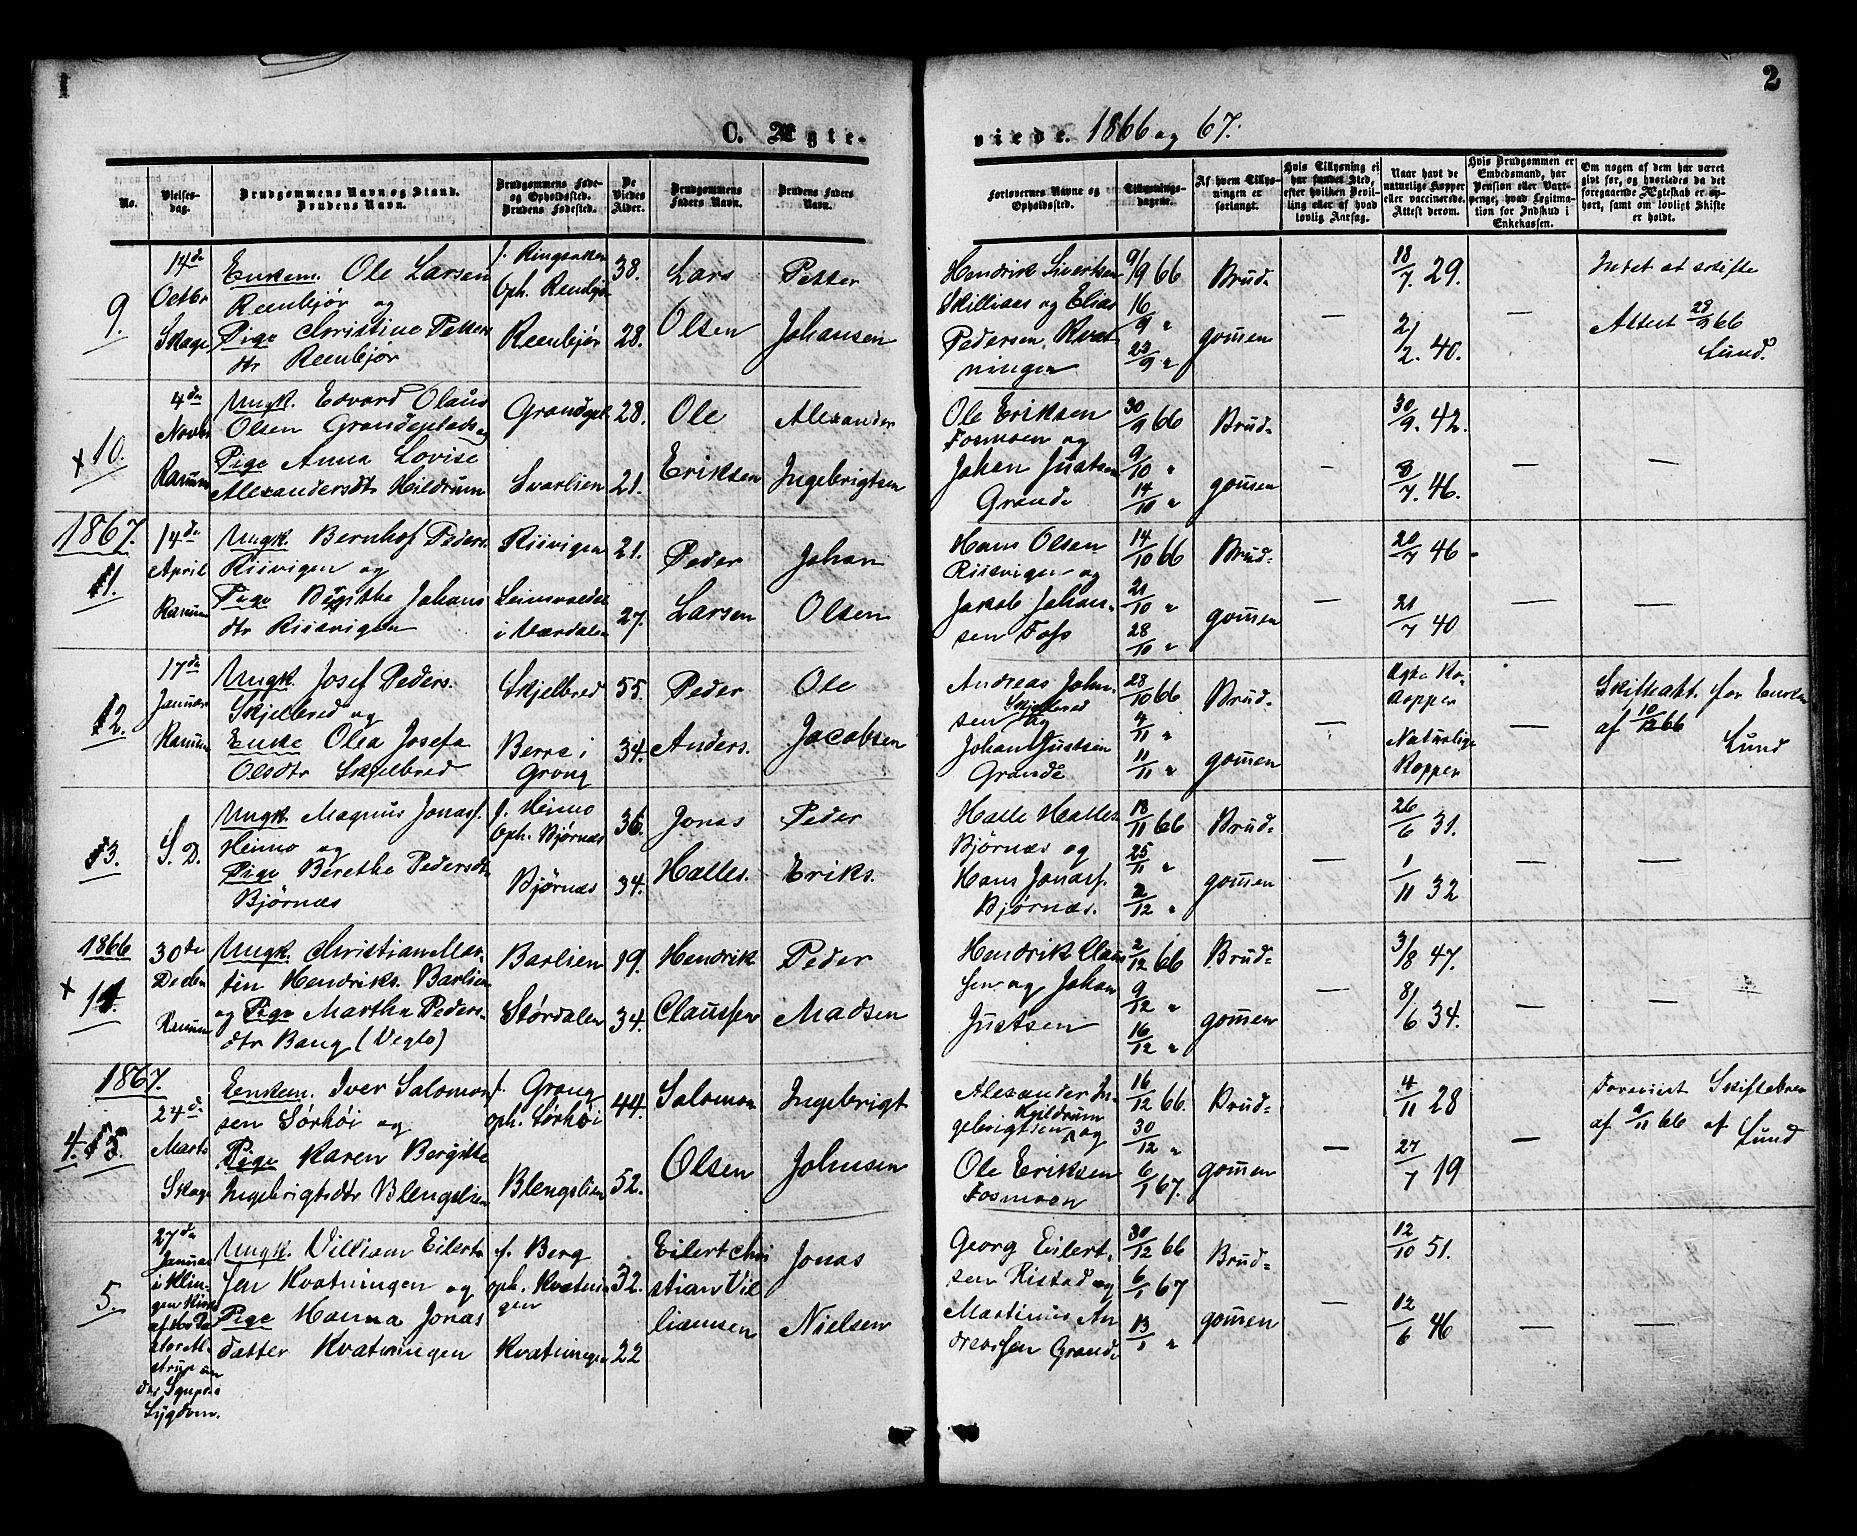 SAT, Ministerialprotokoller, klokkerbøker og fødselsregistre - Nord-Trøndelag, 764/L0553: Ministerialbok nr. 764A08, 1858-1880, s. 2